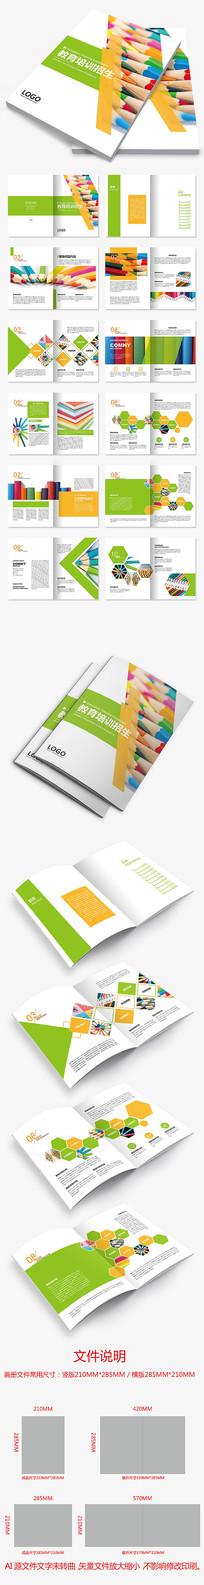 橙绿色教育培训开学学校招生画册设计